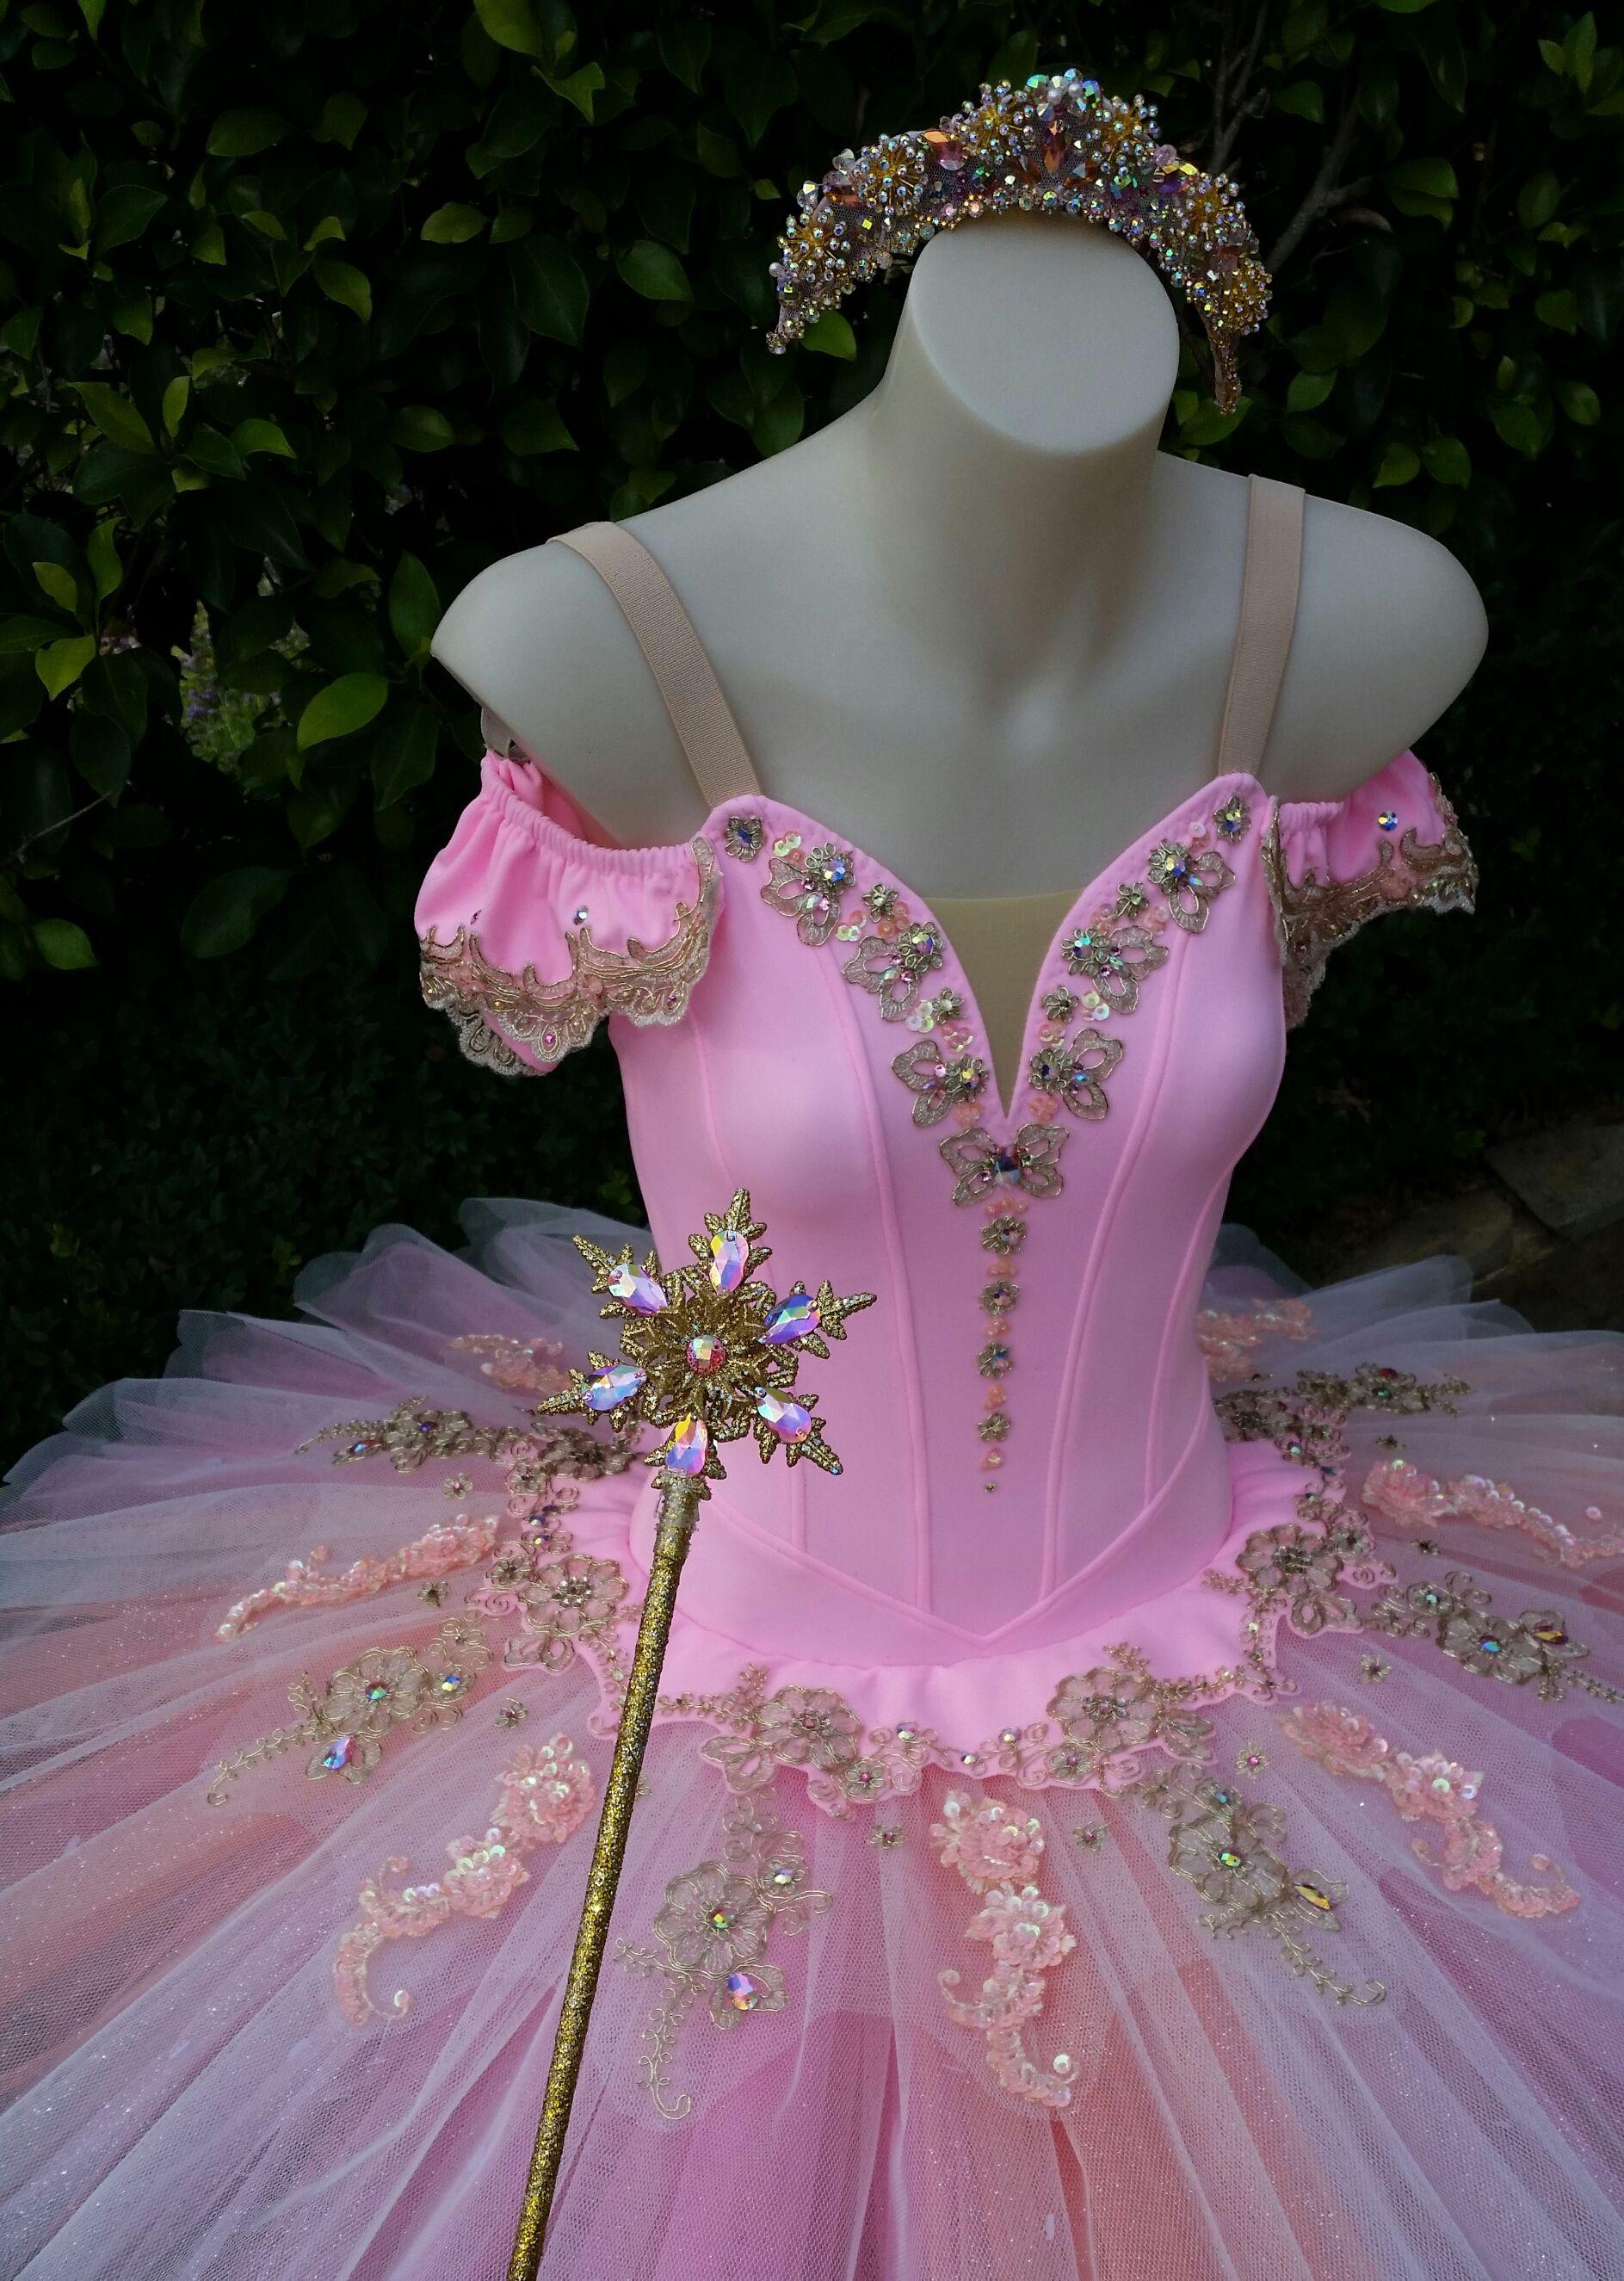 d192d1f69 Glinda the Good Witch Classical Ballet Tutu